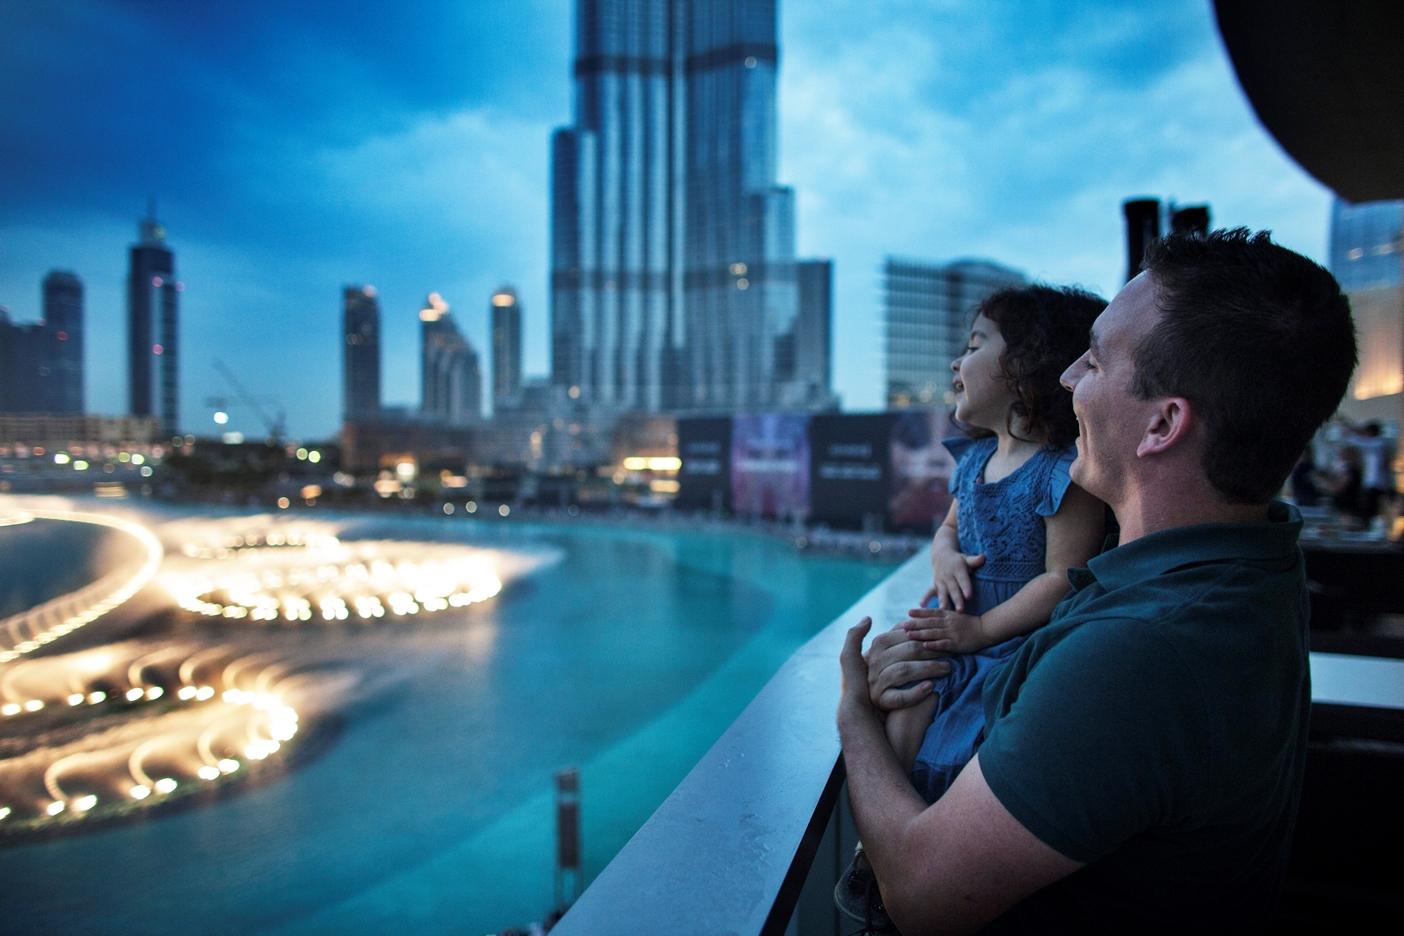 К 2023 г. ОАЭ будут ежегодно посещать 8,3 млн. европейских туристов